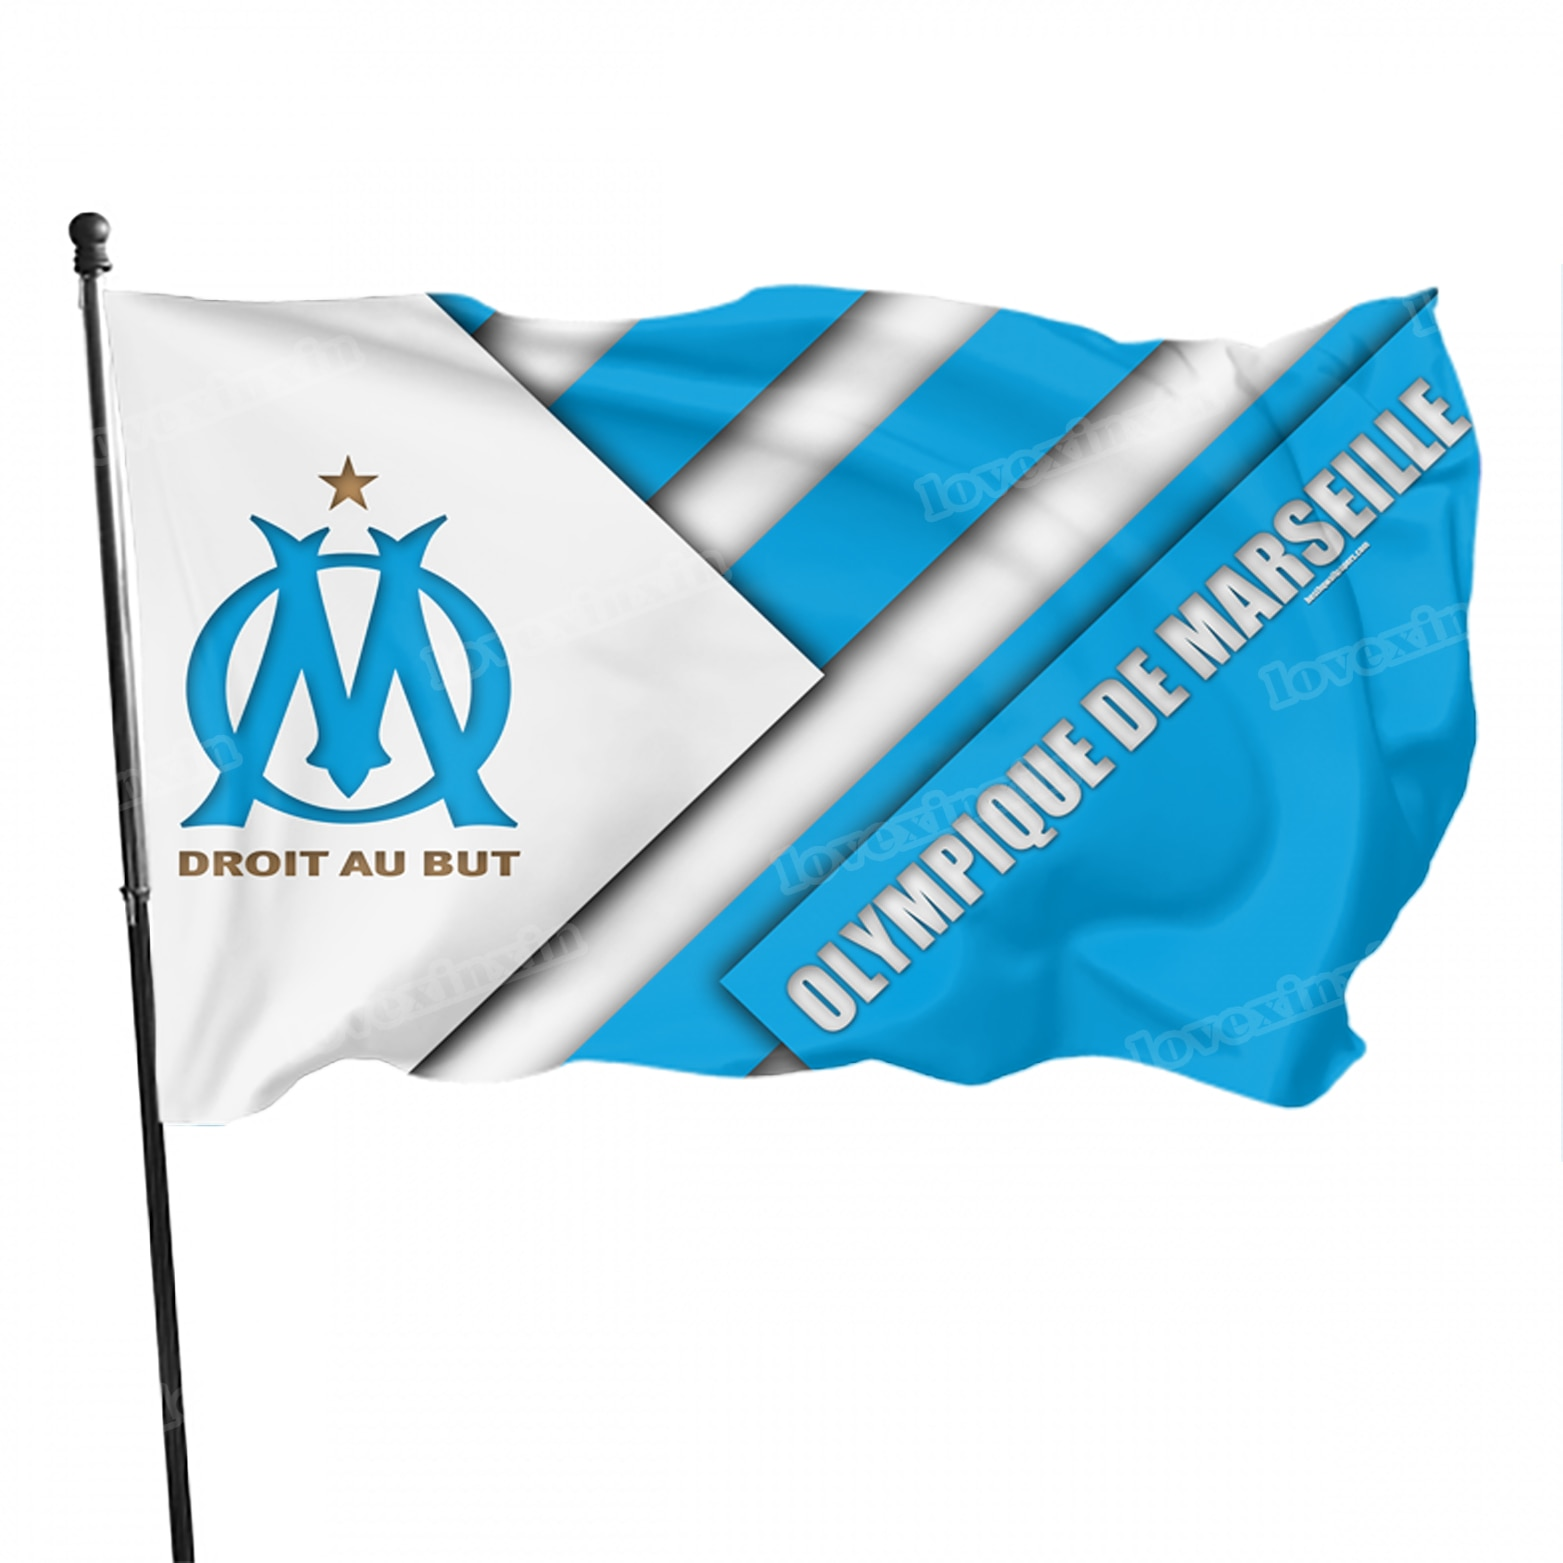 Флаг французского Марселя с логотипом футбольного клуба, украшение для сада, флаг Марселя, HD флаг на заказ